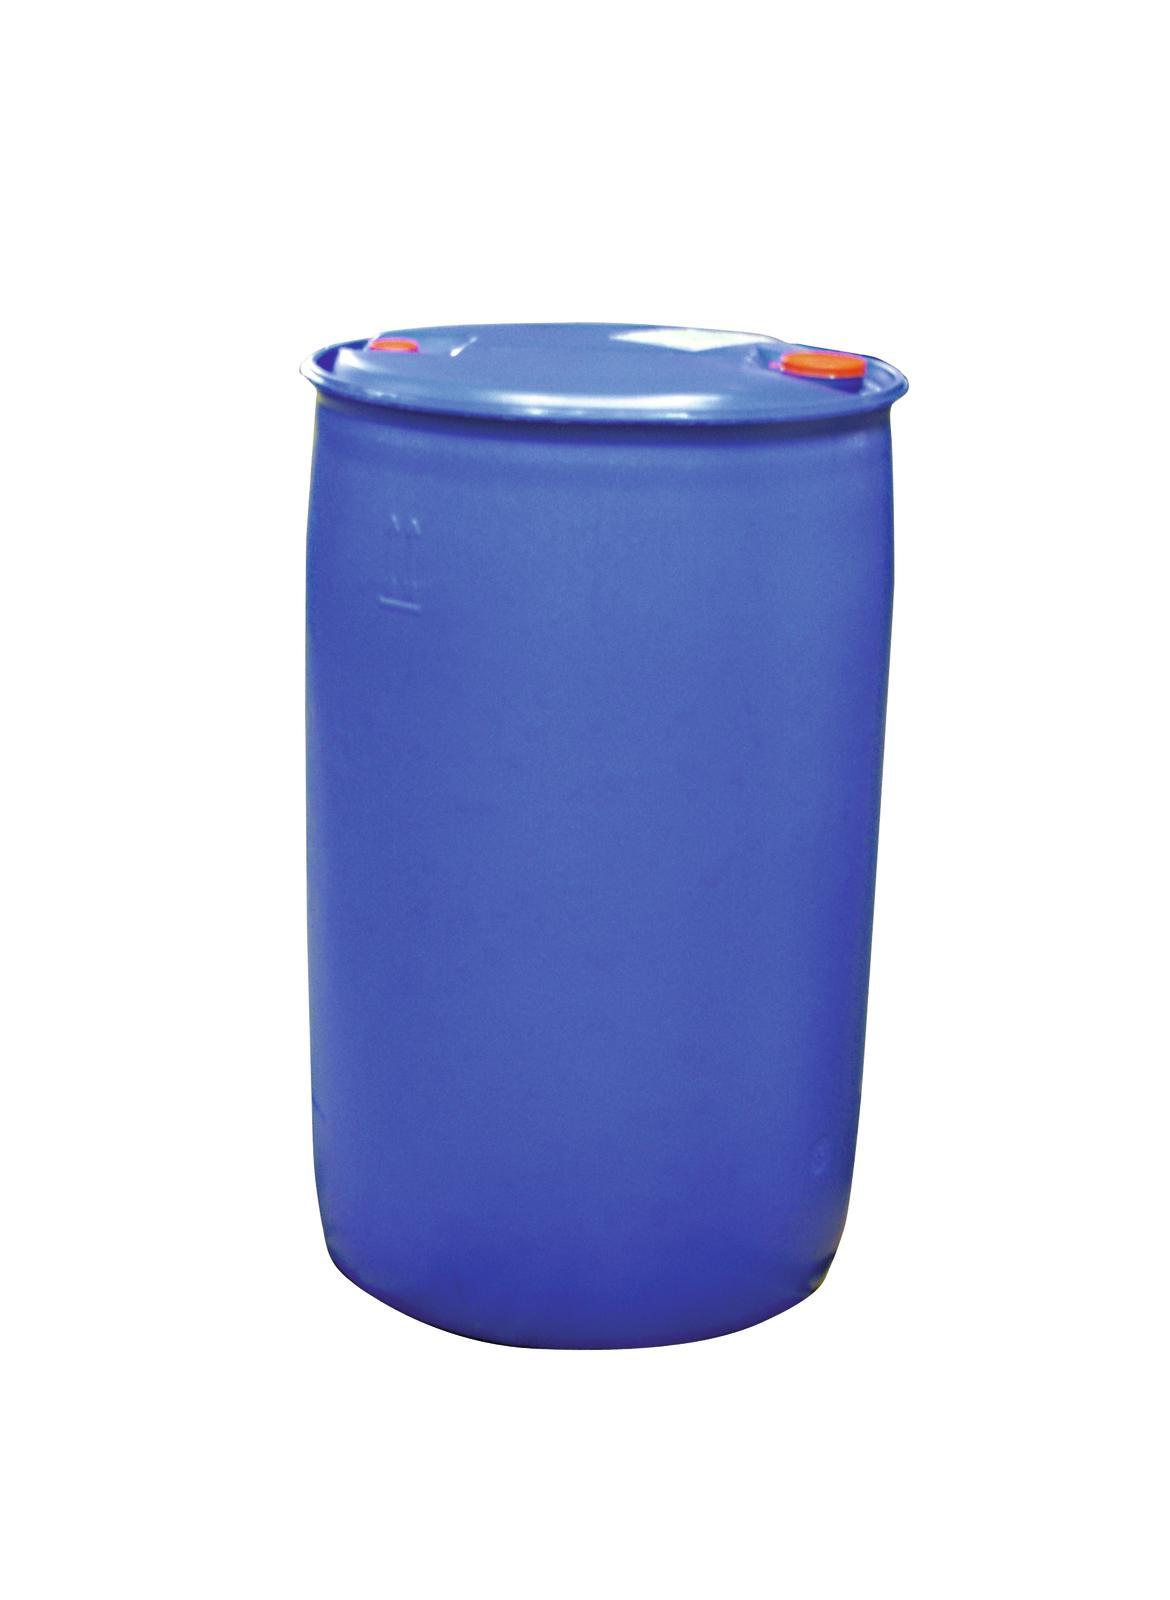 Liquido per macchina del fumo-nebbia -C2D - standard 200 litri EUROLITE